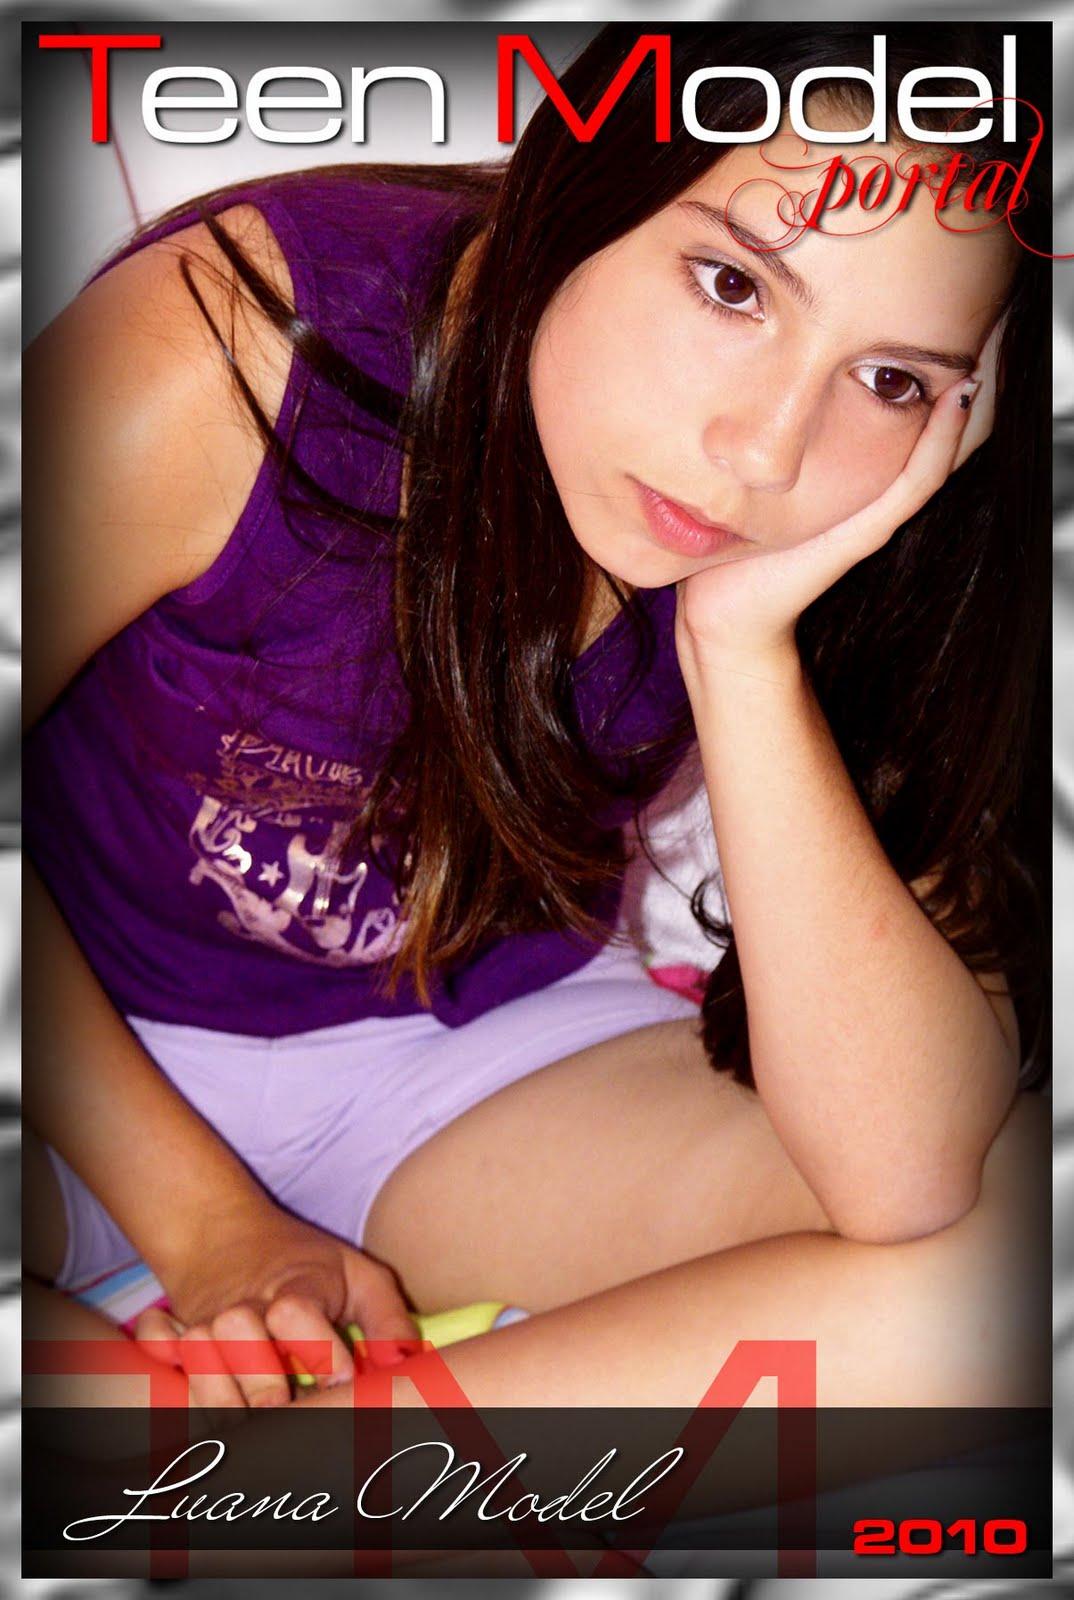 young teen model portal